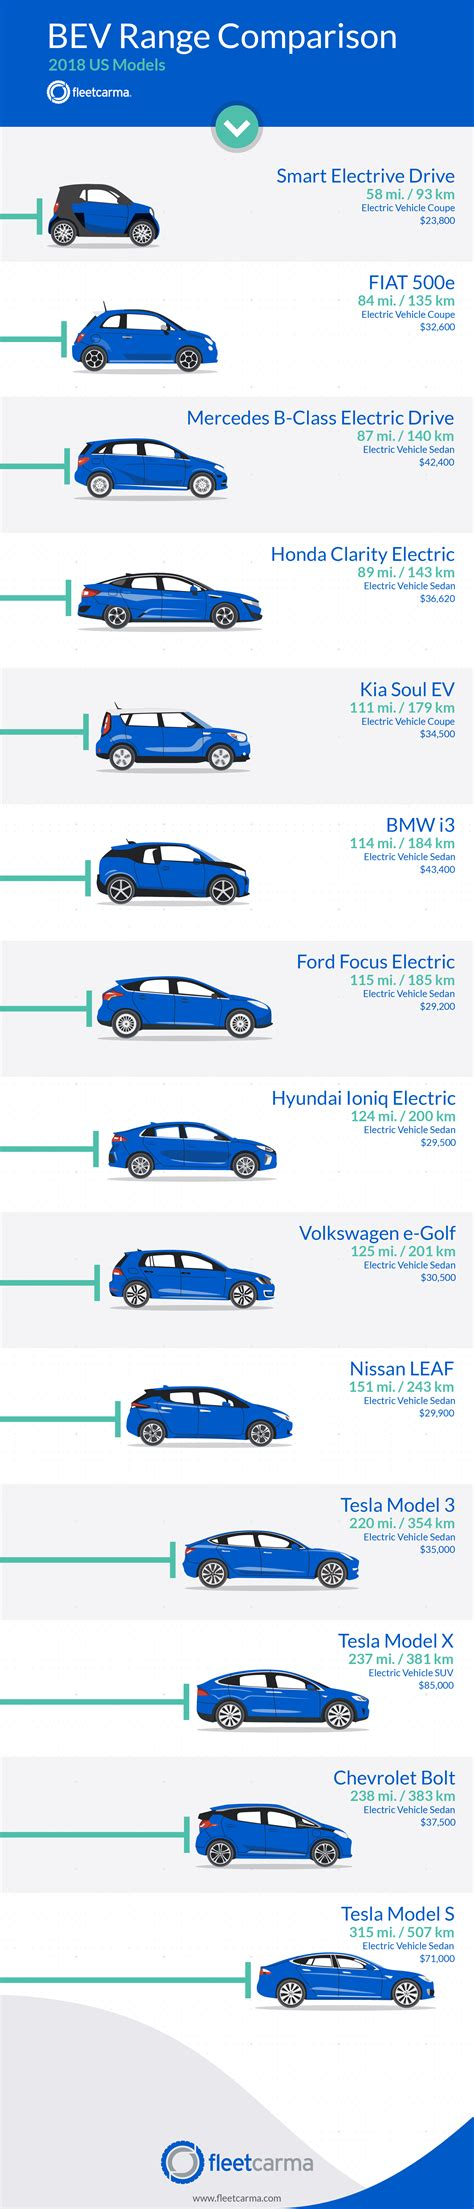 Electric Car Range Comparison 2018 electric vehicle range comparison